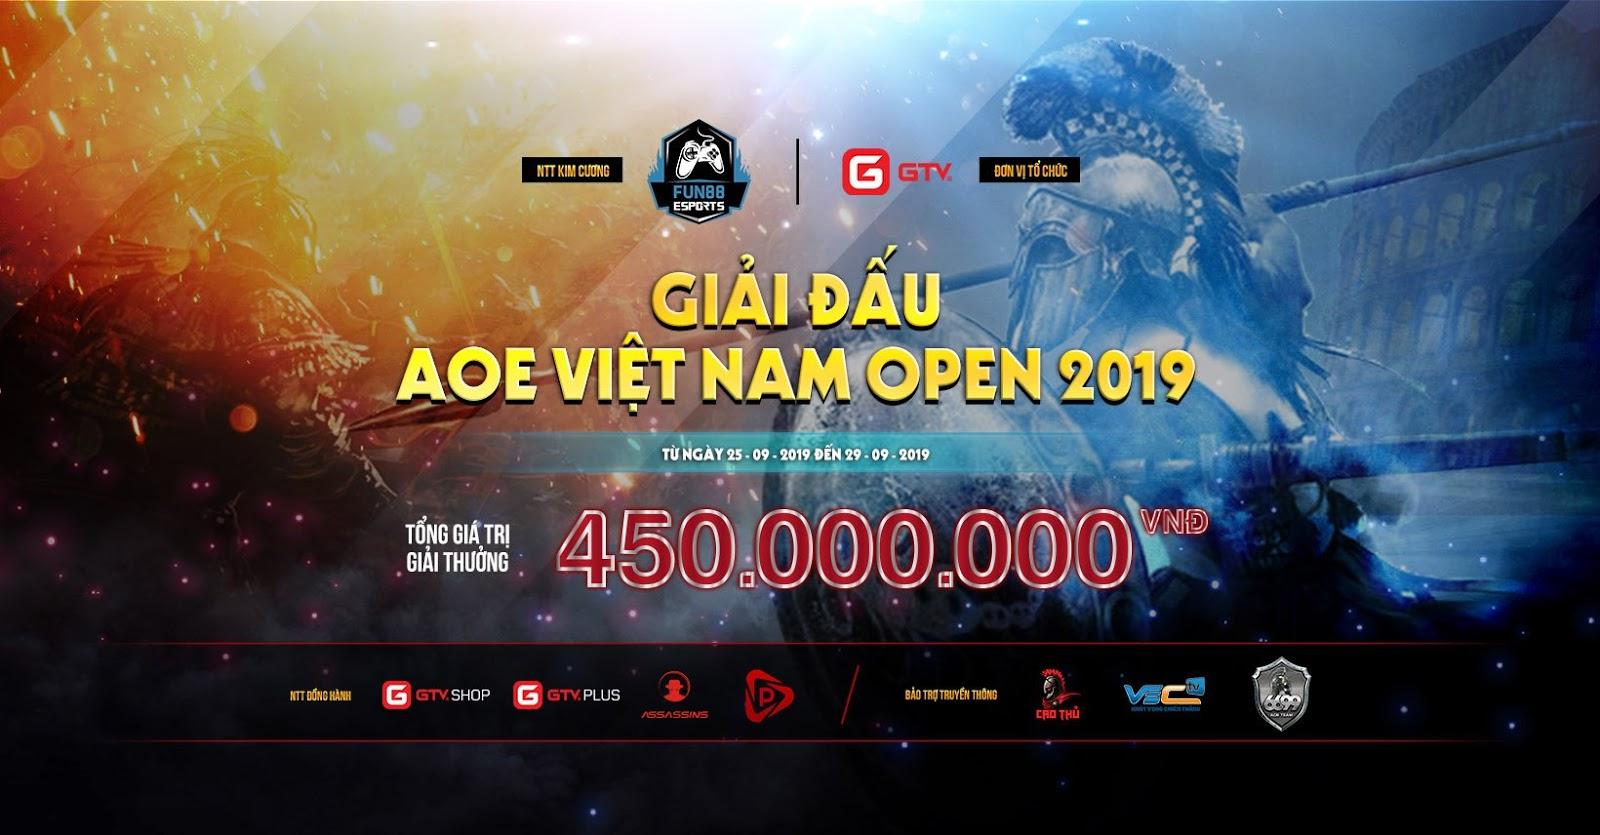 [AoE] AoE Việt Nam Open 2019: Giải đấu cuối cùng của AoE GameTV hay giải đấu đầu tiên của AoE Sparta?